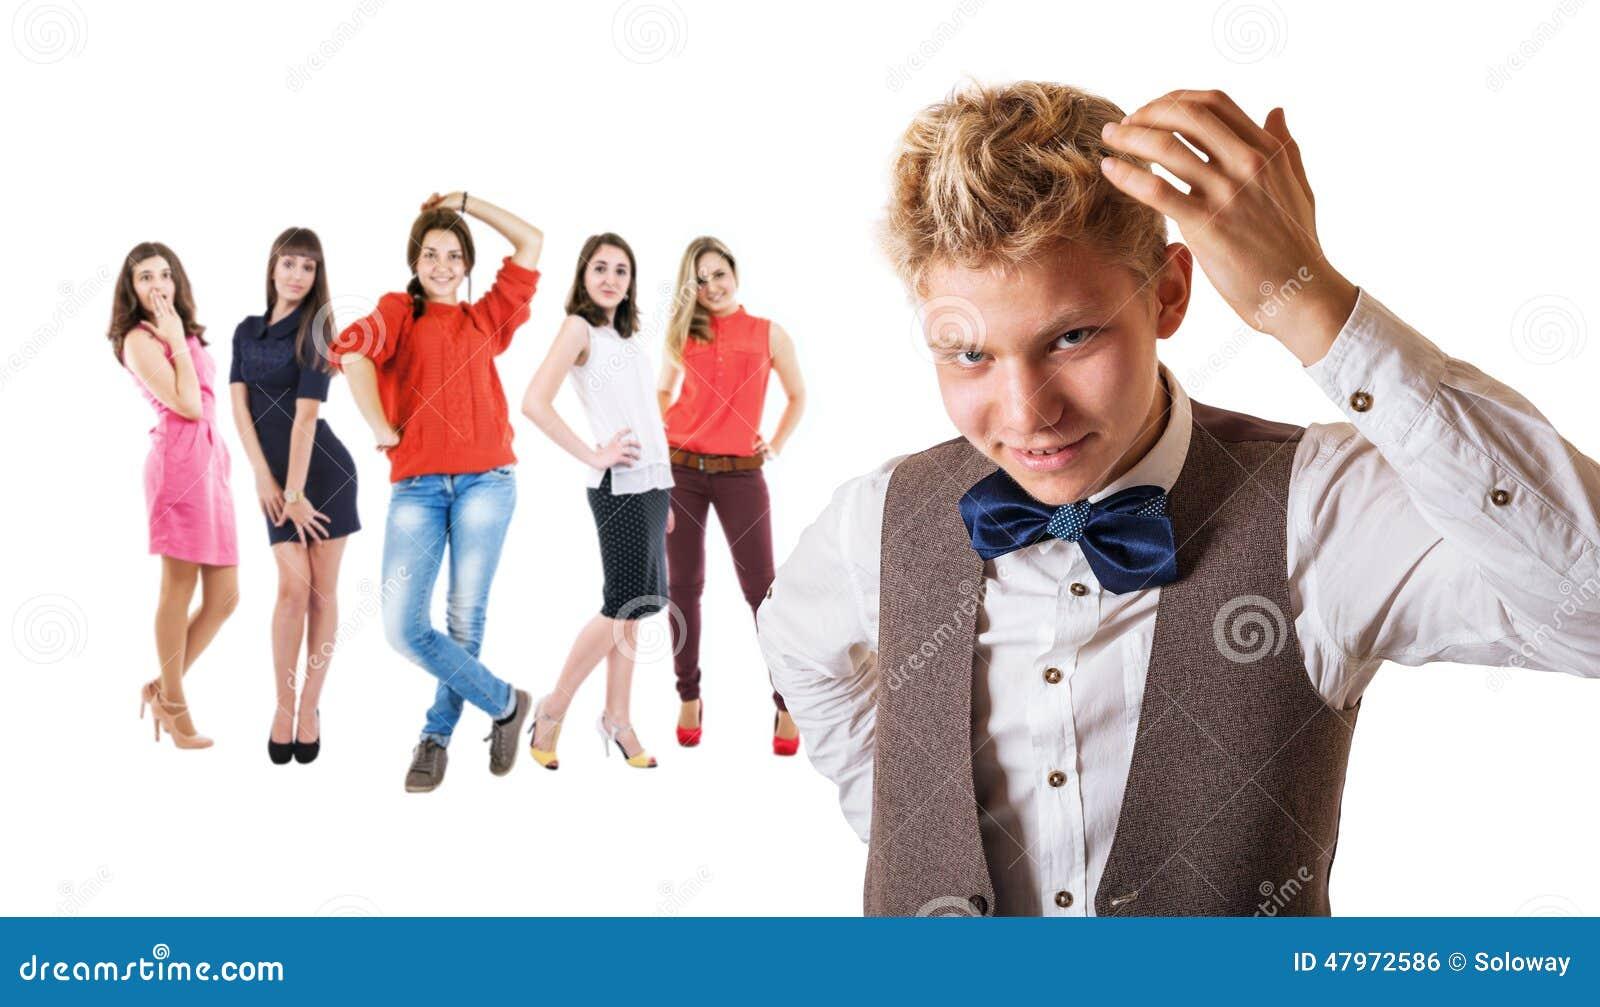 Photos de filles du groupe